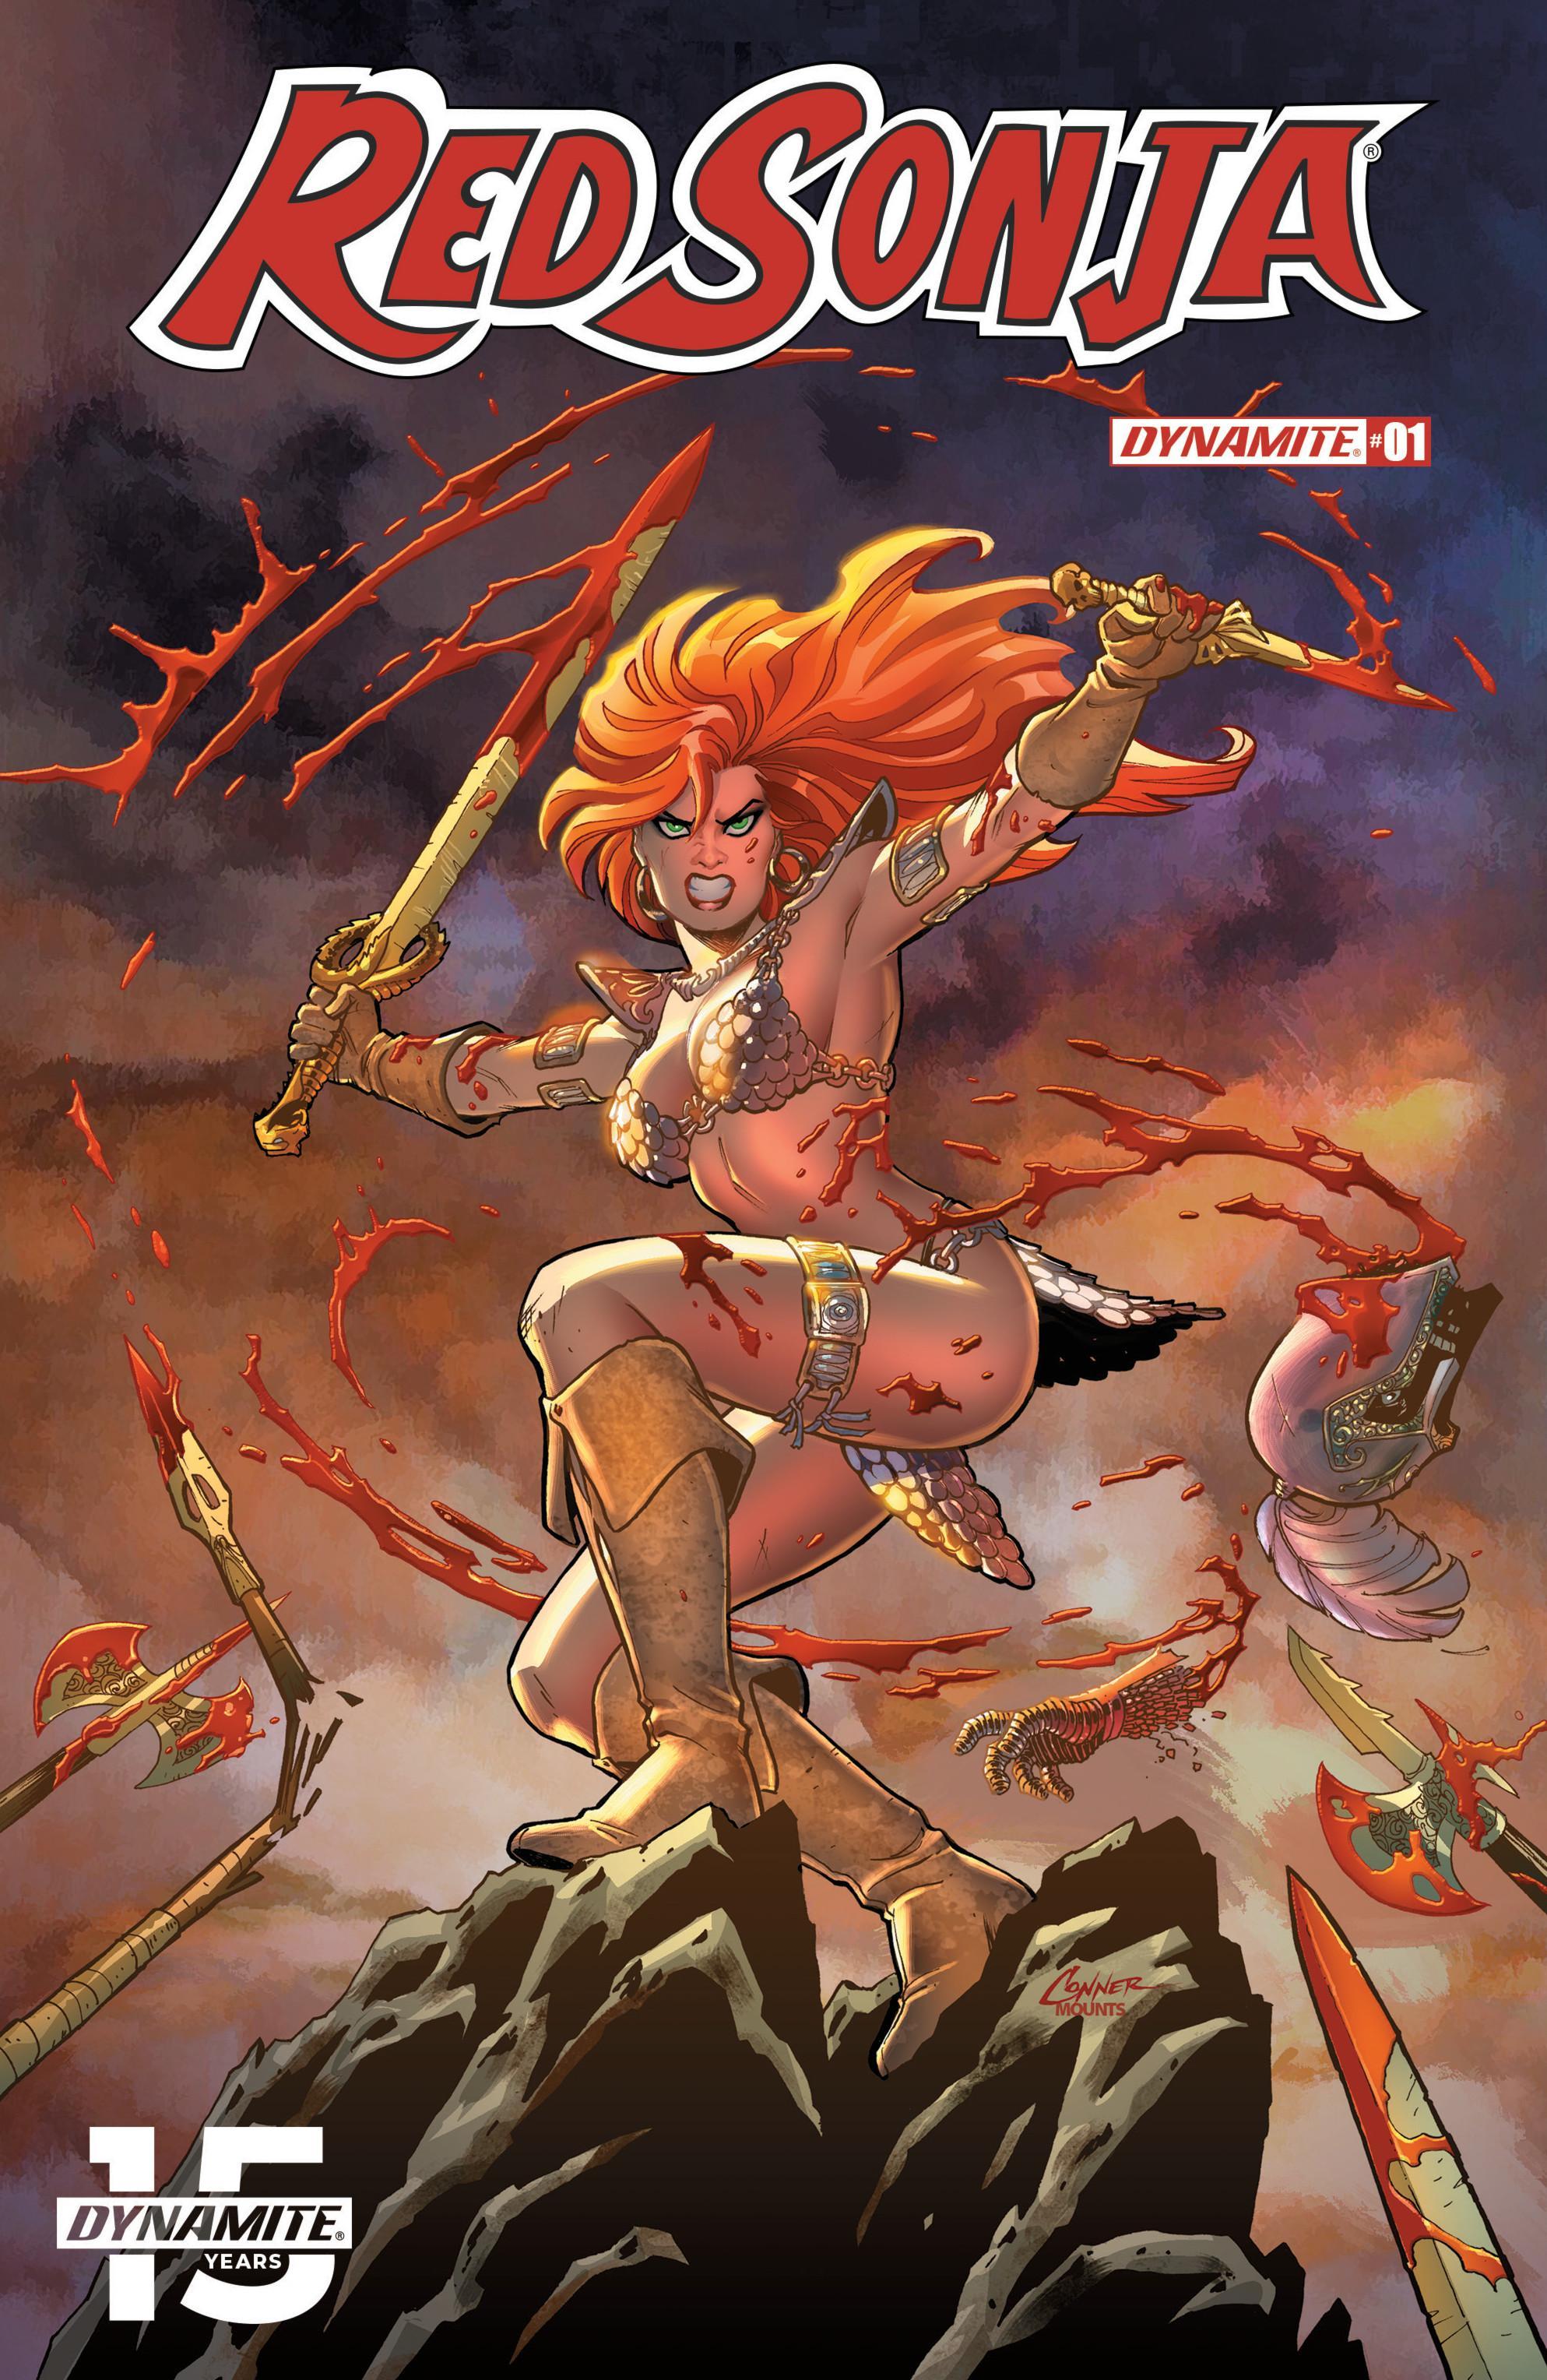 Red Sonja 001 2019 6 covers digital The Seeker